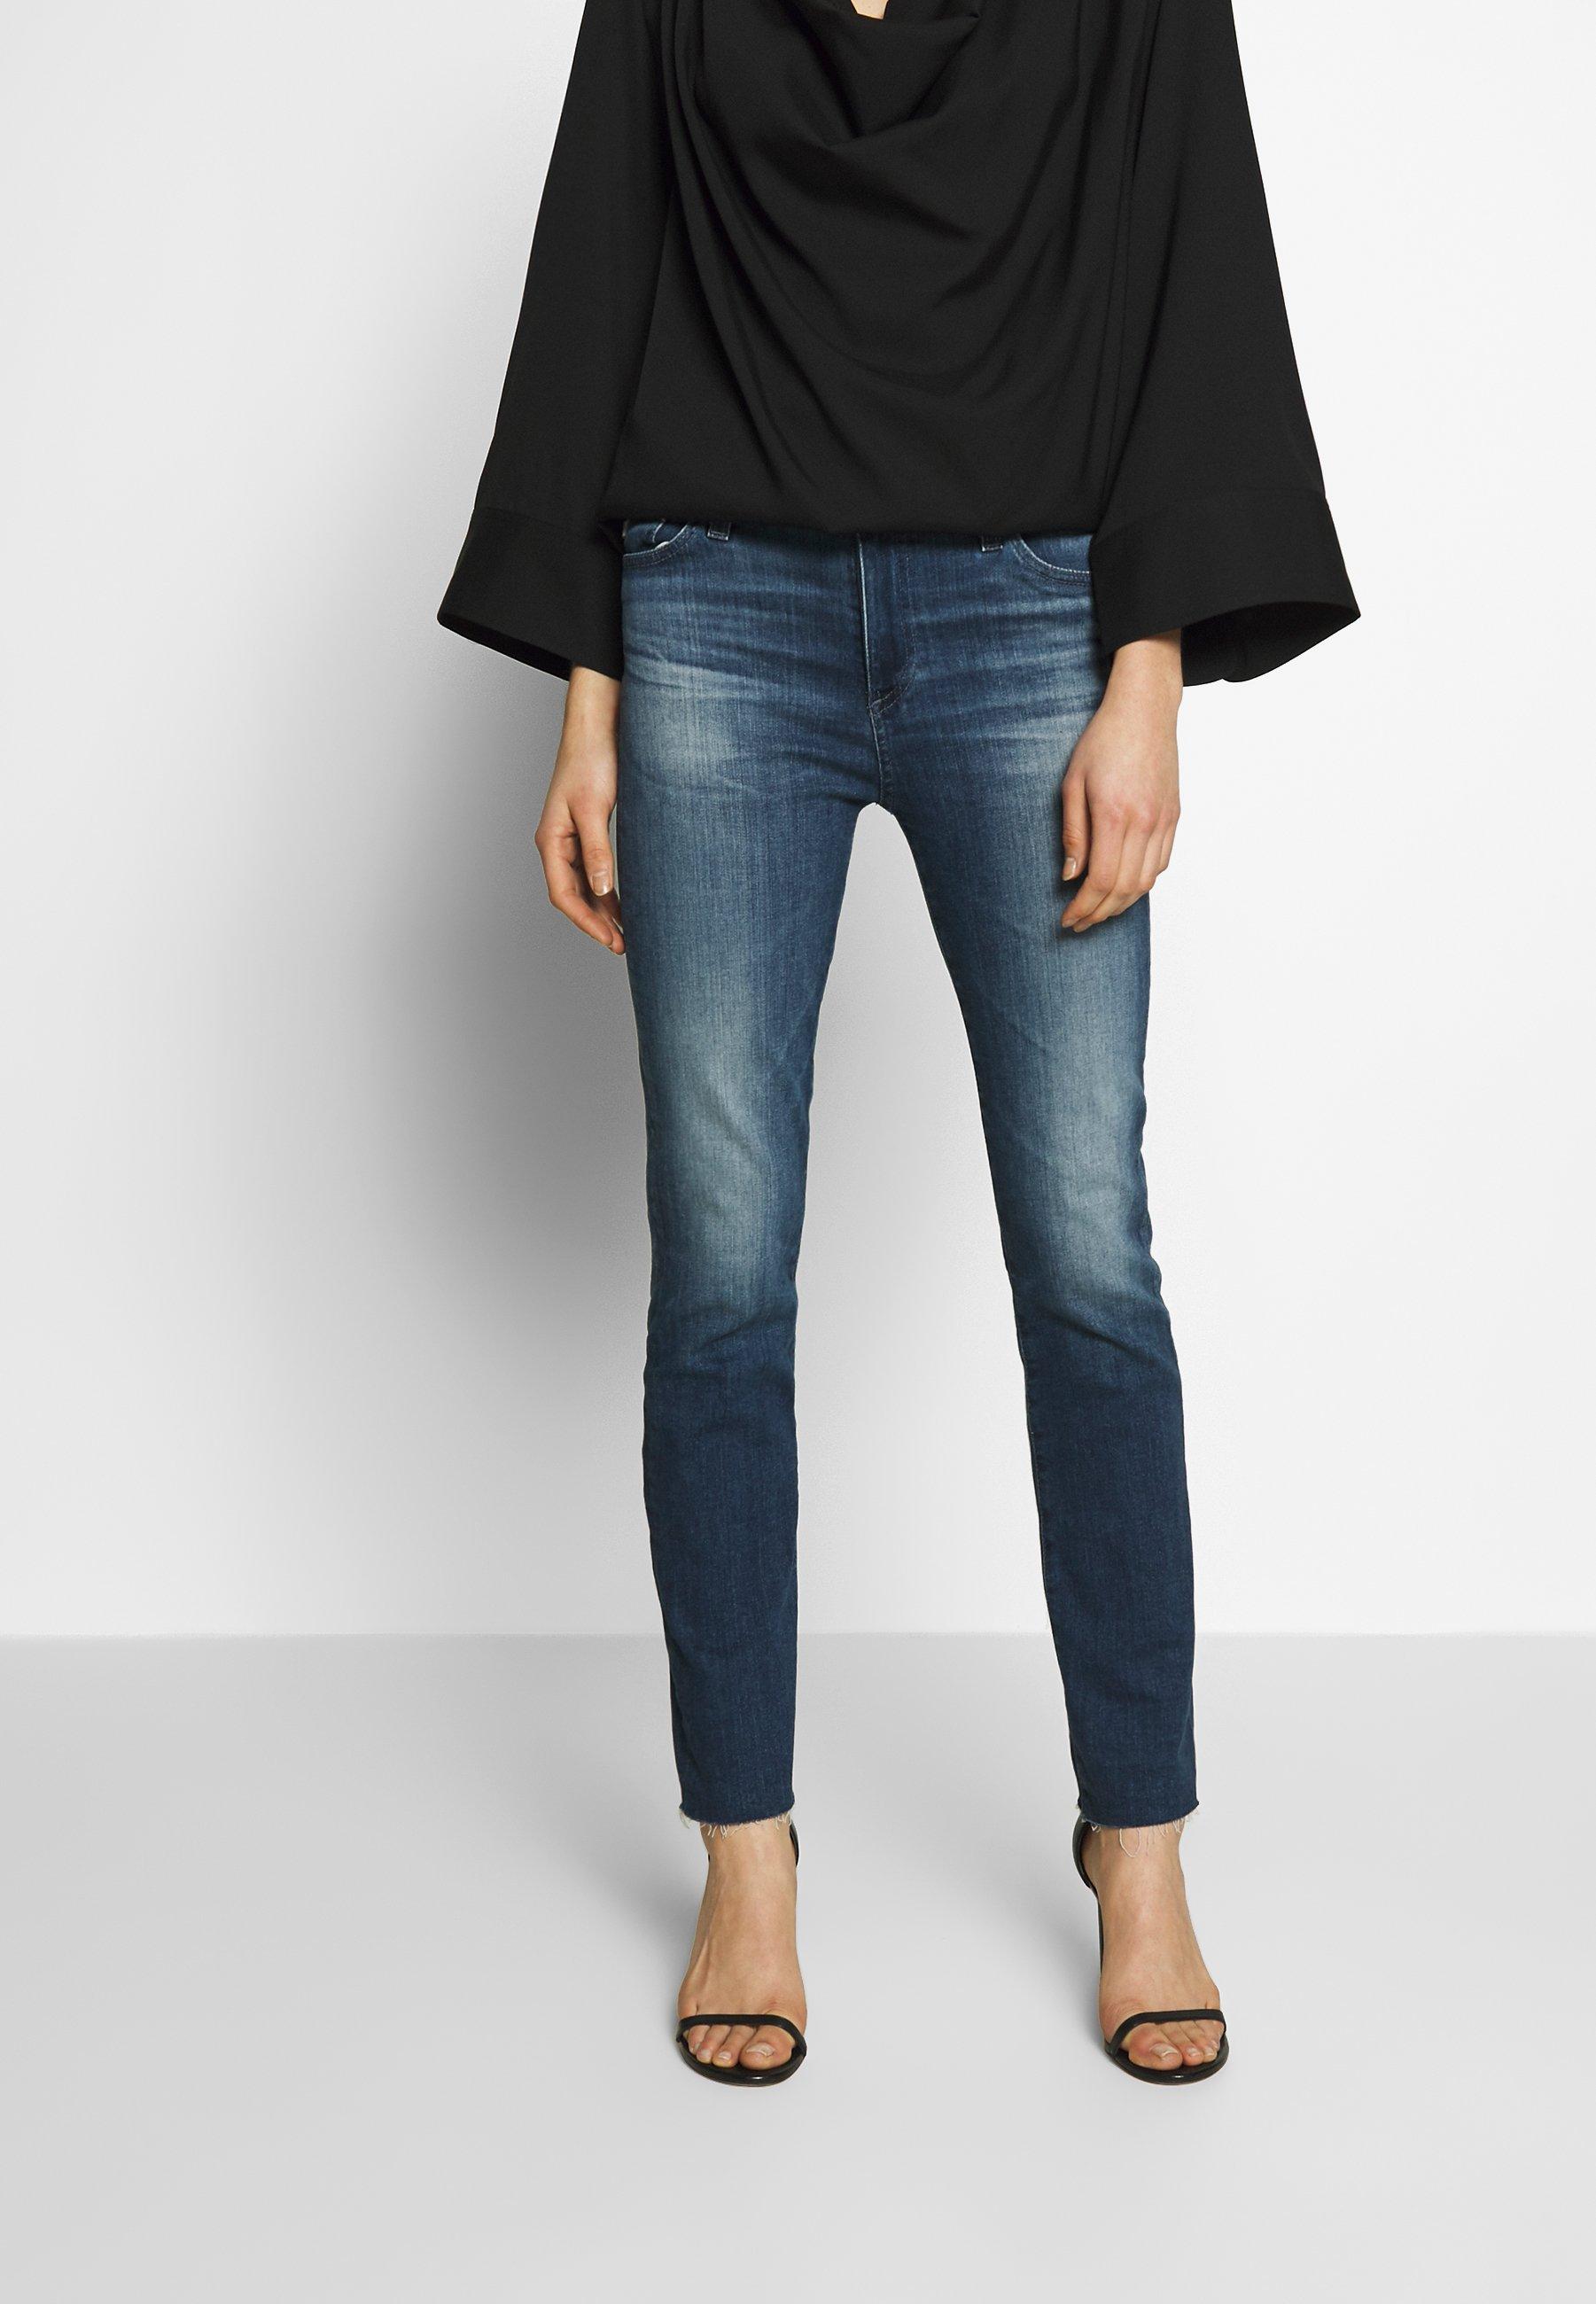 AG Jeans MARI - Jean slim - blue - Jeans Femme yHYbm